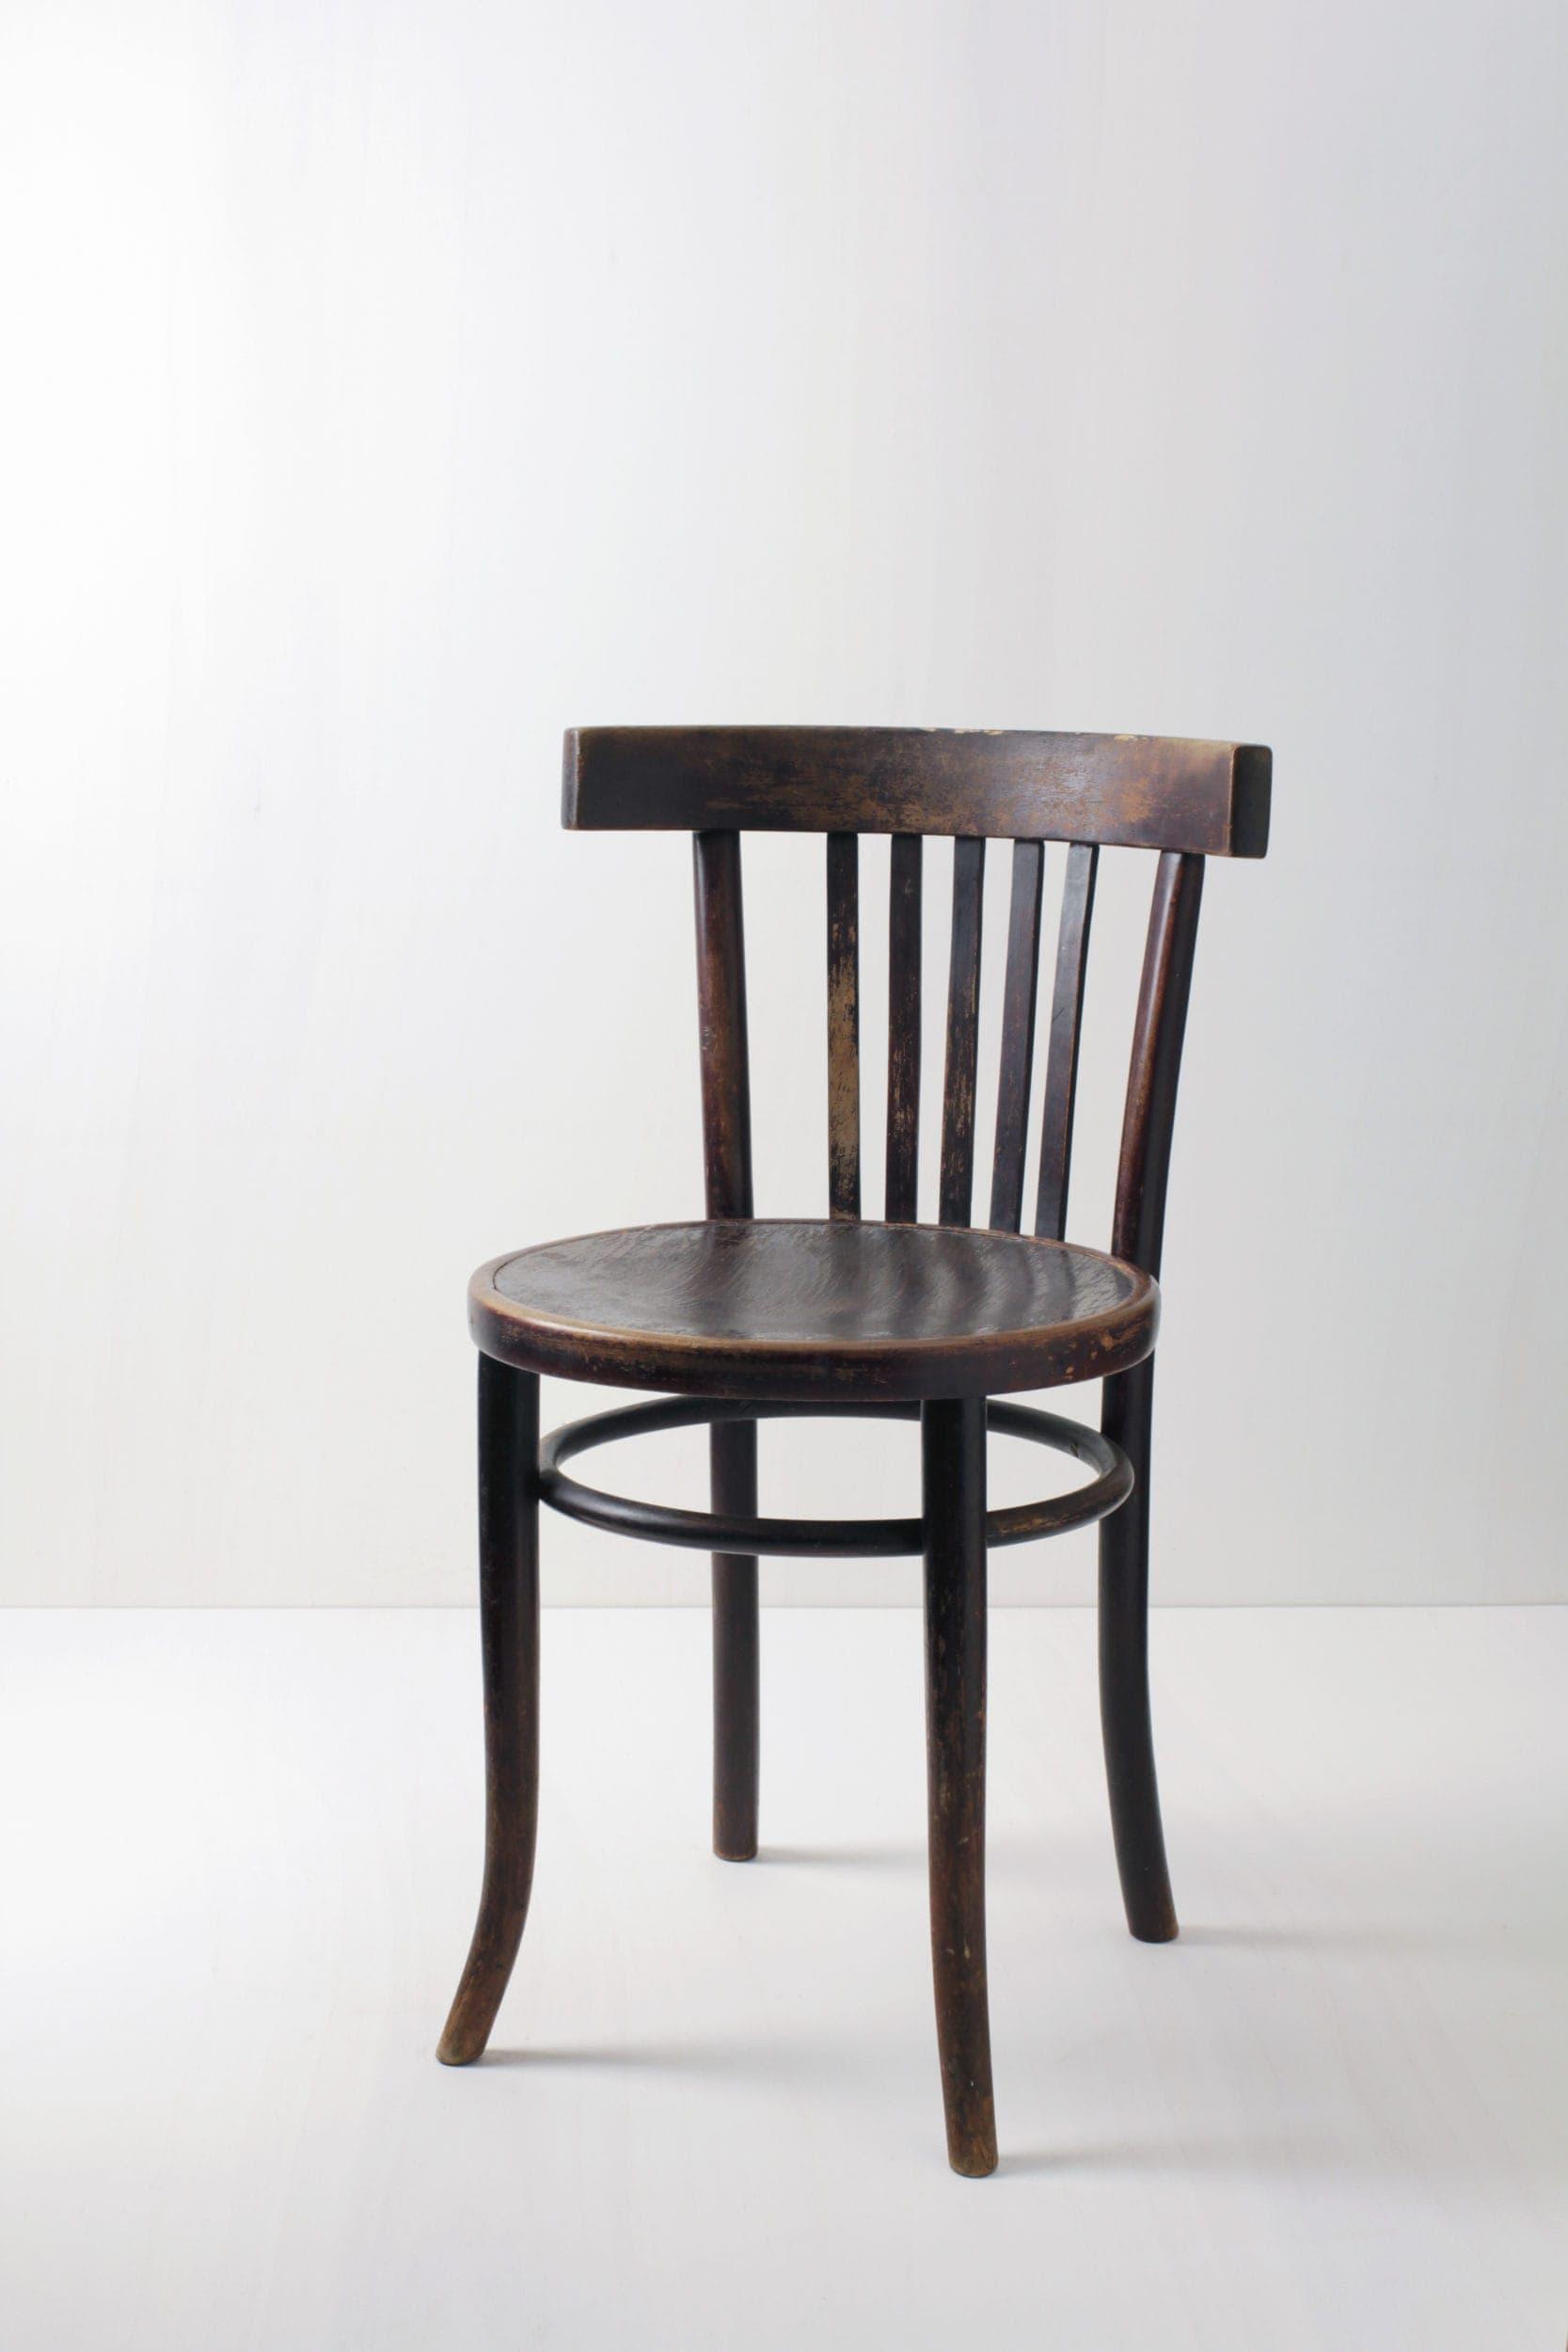 Mietmöbel, braune und weiße Holzstühle zu mieten